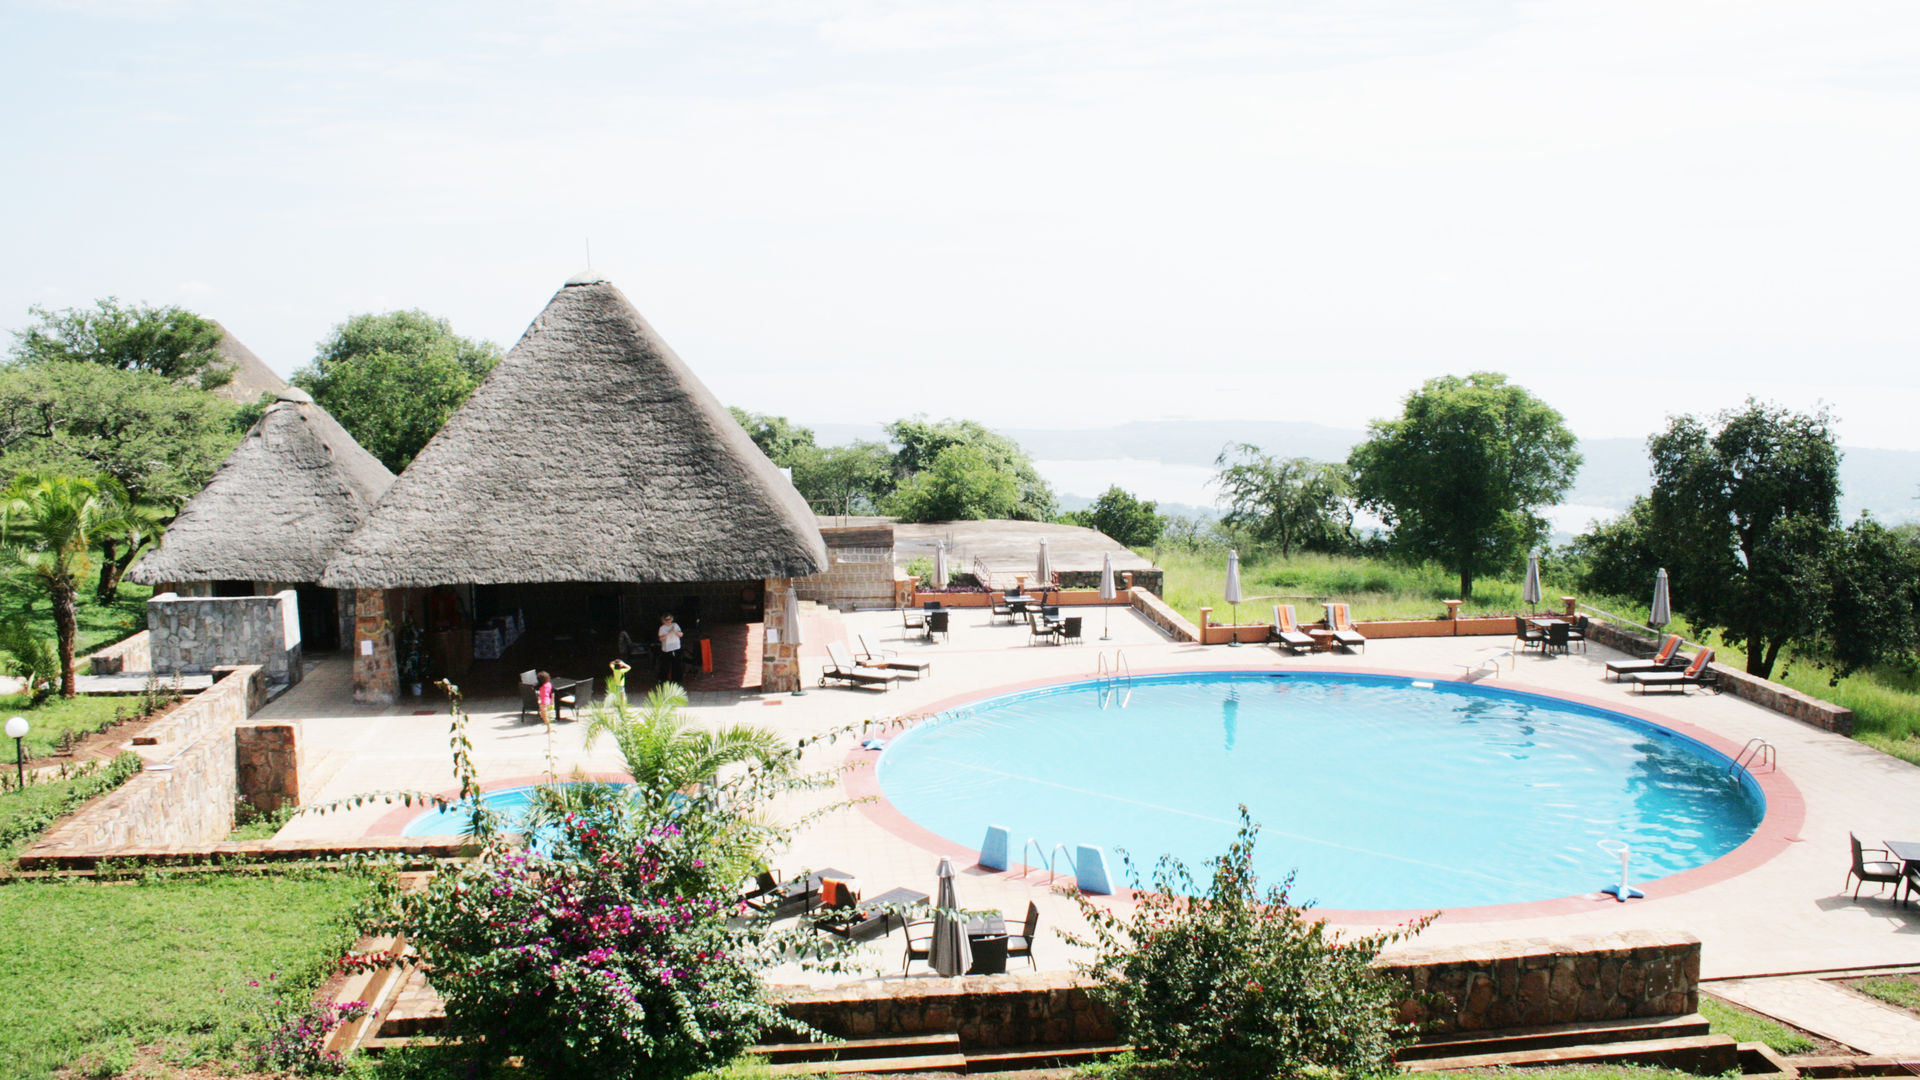 Oeganda Rwanda reis - Rondreis door Rwanda en Oeganda met Matoke Tours